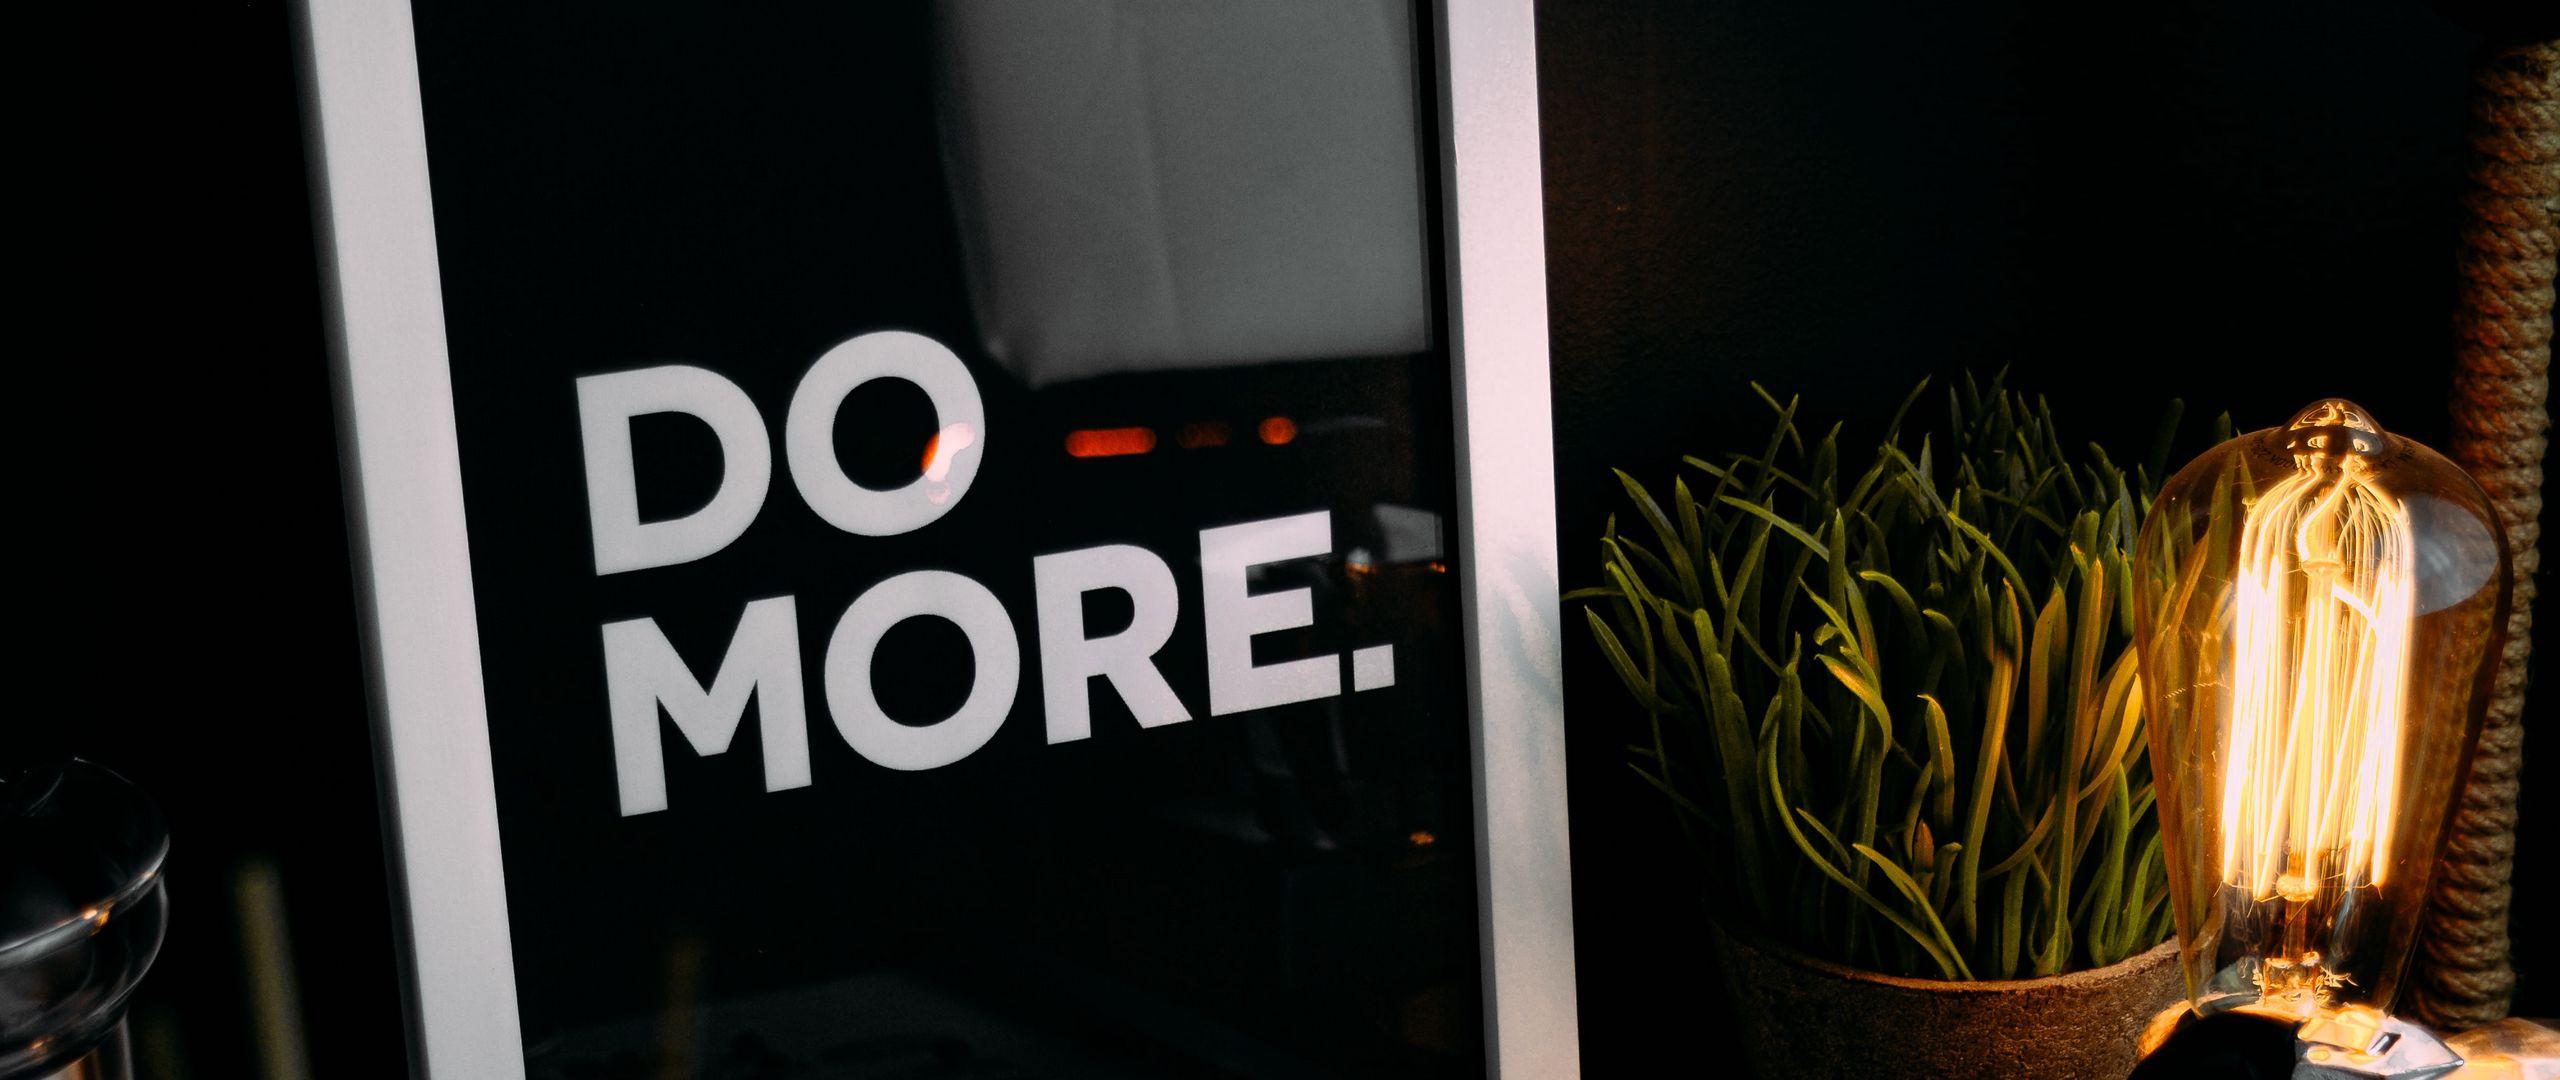 2560x1080 Обои мотивация, фраза, слова, текст, рамка, кофейные зерна